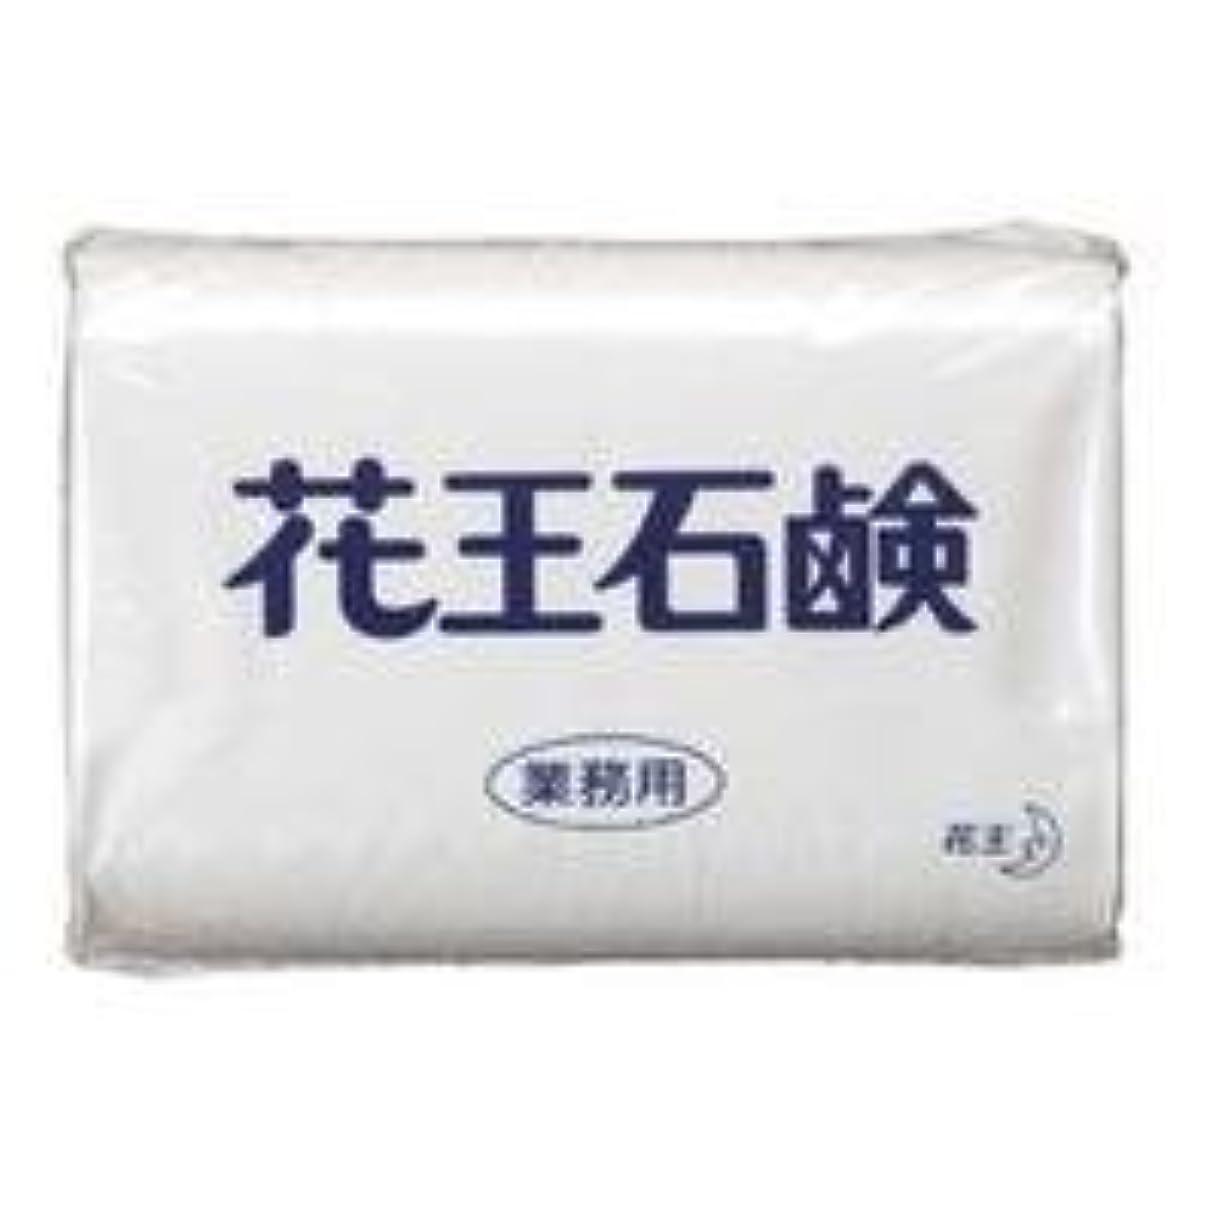 発表ひねり解決する業務用石鹸 85g 3個×40パック(120個入り)